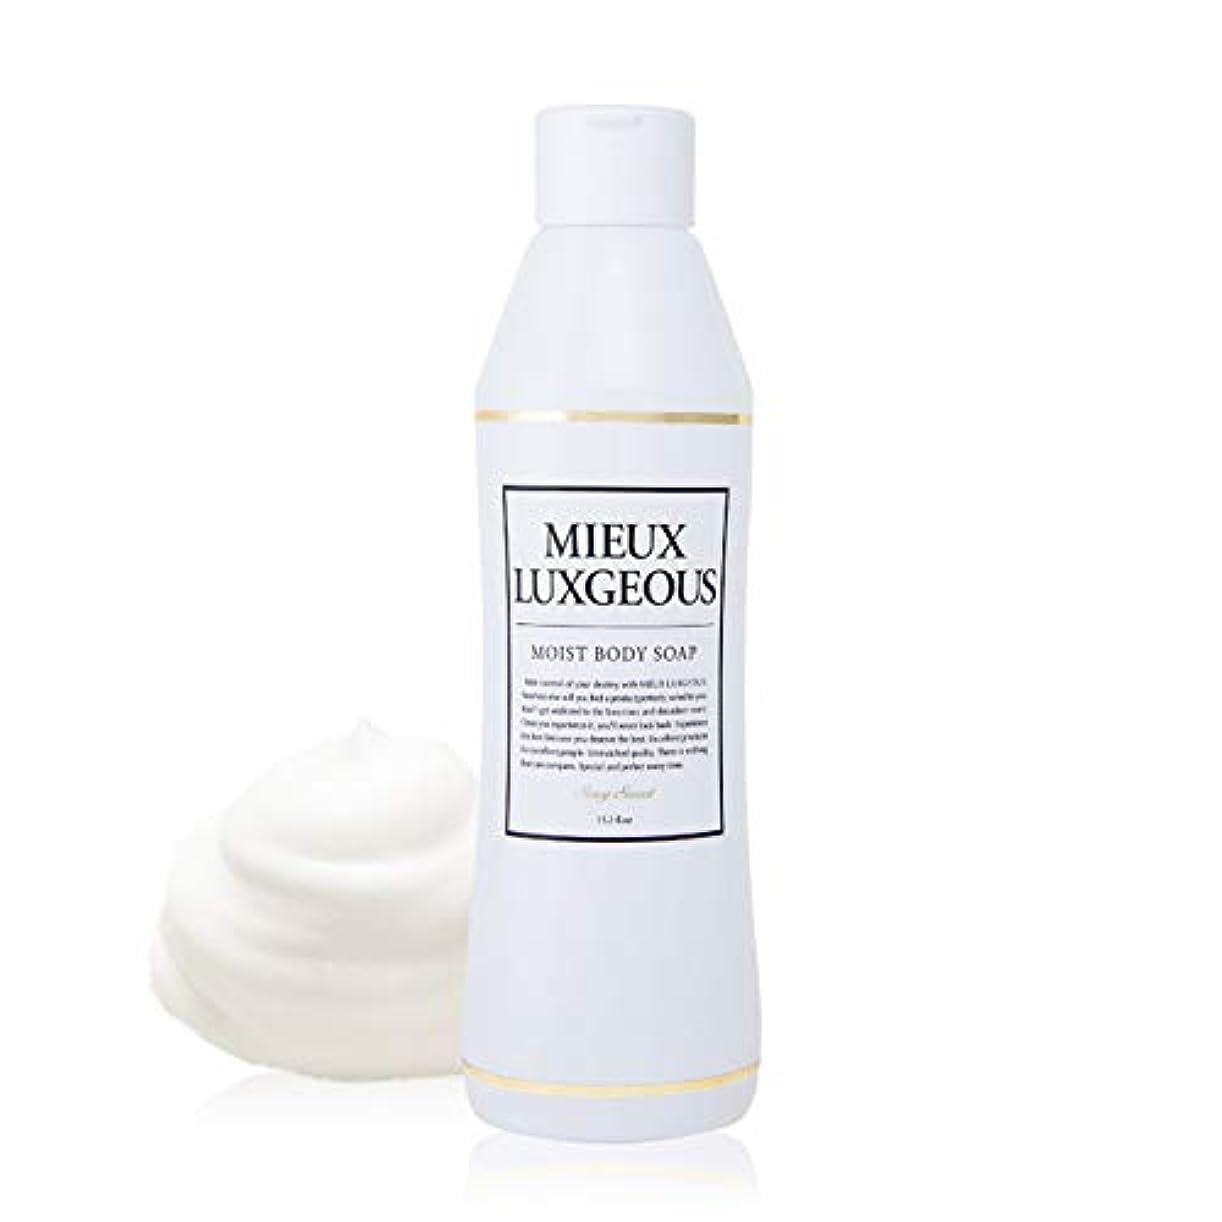 迷路専門知識積分ミューラグジャス モイストボディソープ MOIST BODY SOAP - Sexy Sweetの香り